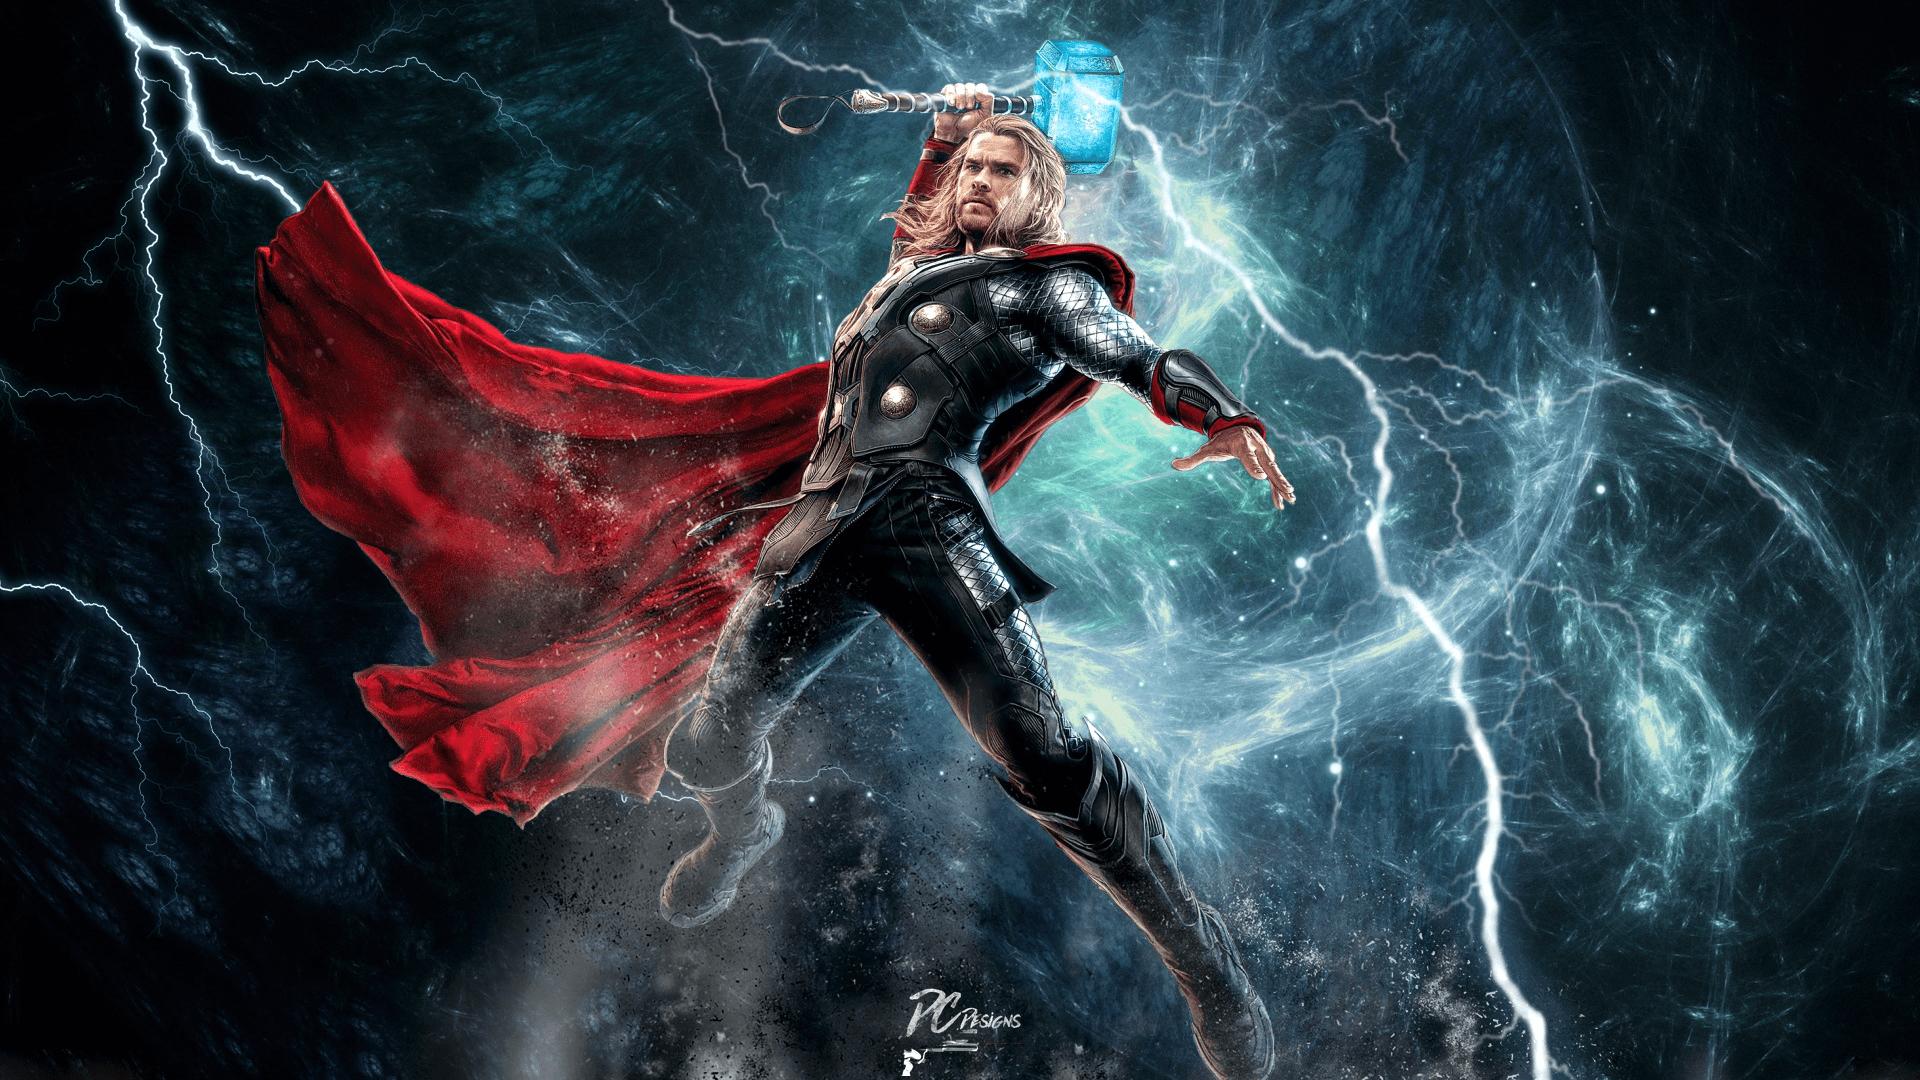 Thor Ragnarok Lightning Wallpapers Wallpaper Cave